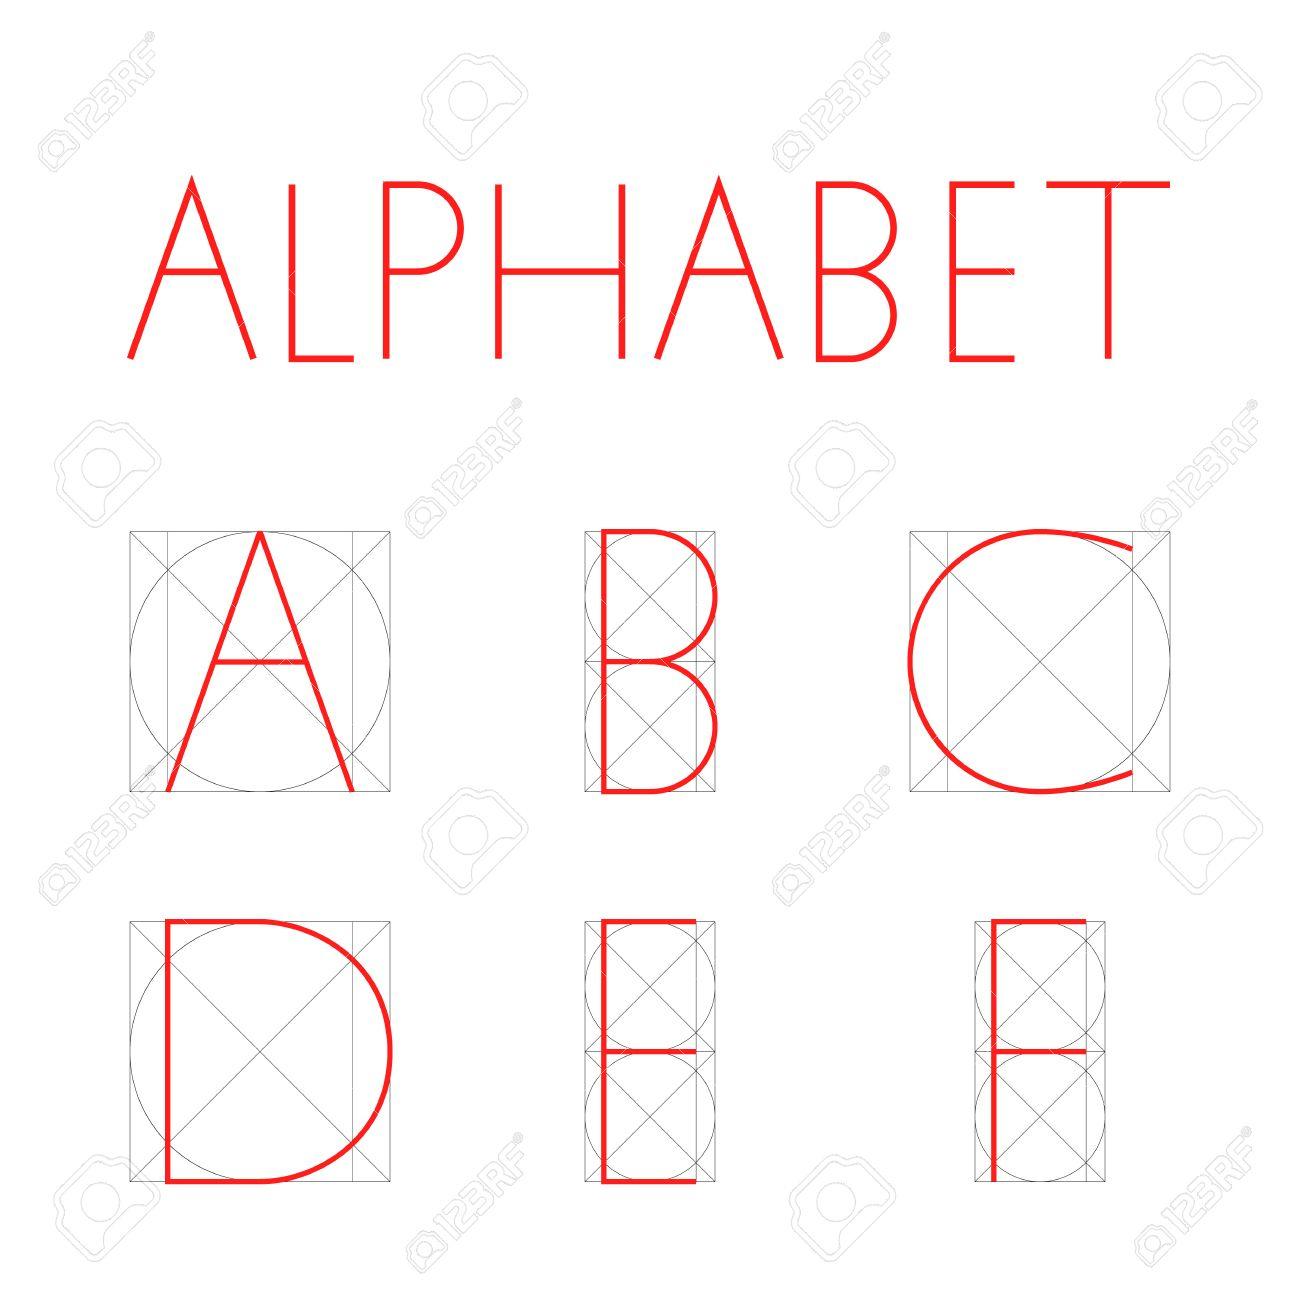 Police Géométrique Vectorielle. Construction De L'alphabet Des Lettres.  Lettre Rouge En Forme Géométrique Droite - Carré Et Cercle. A B C D E F concernant Alphabet En Pointillé A Imprimer